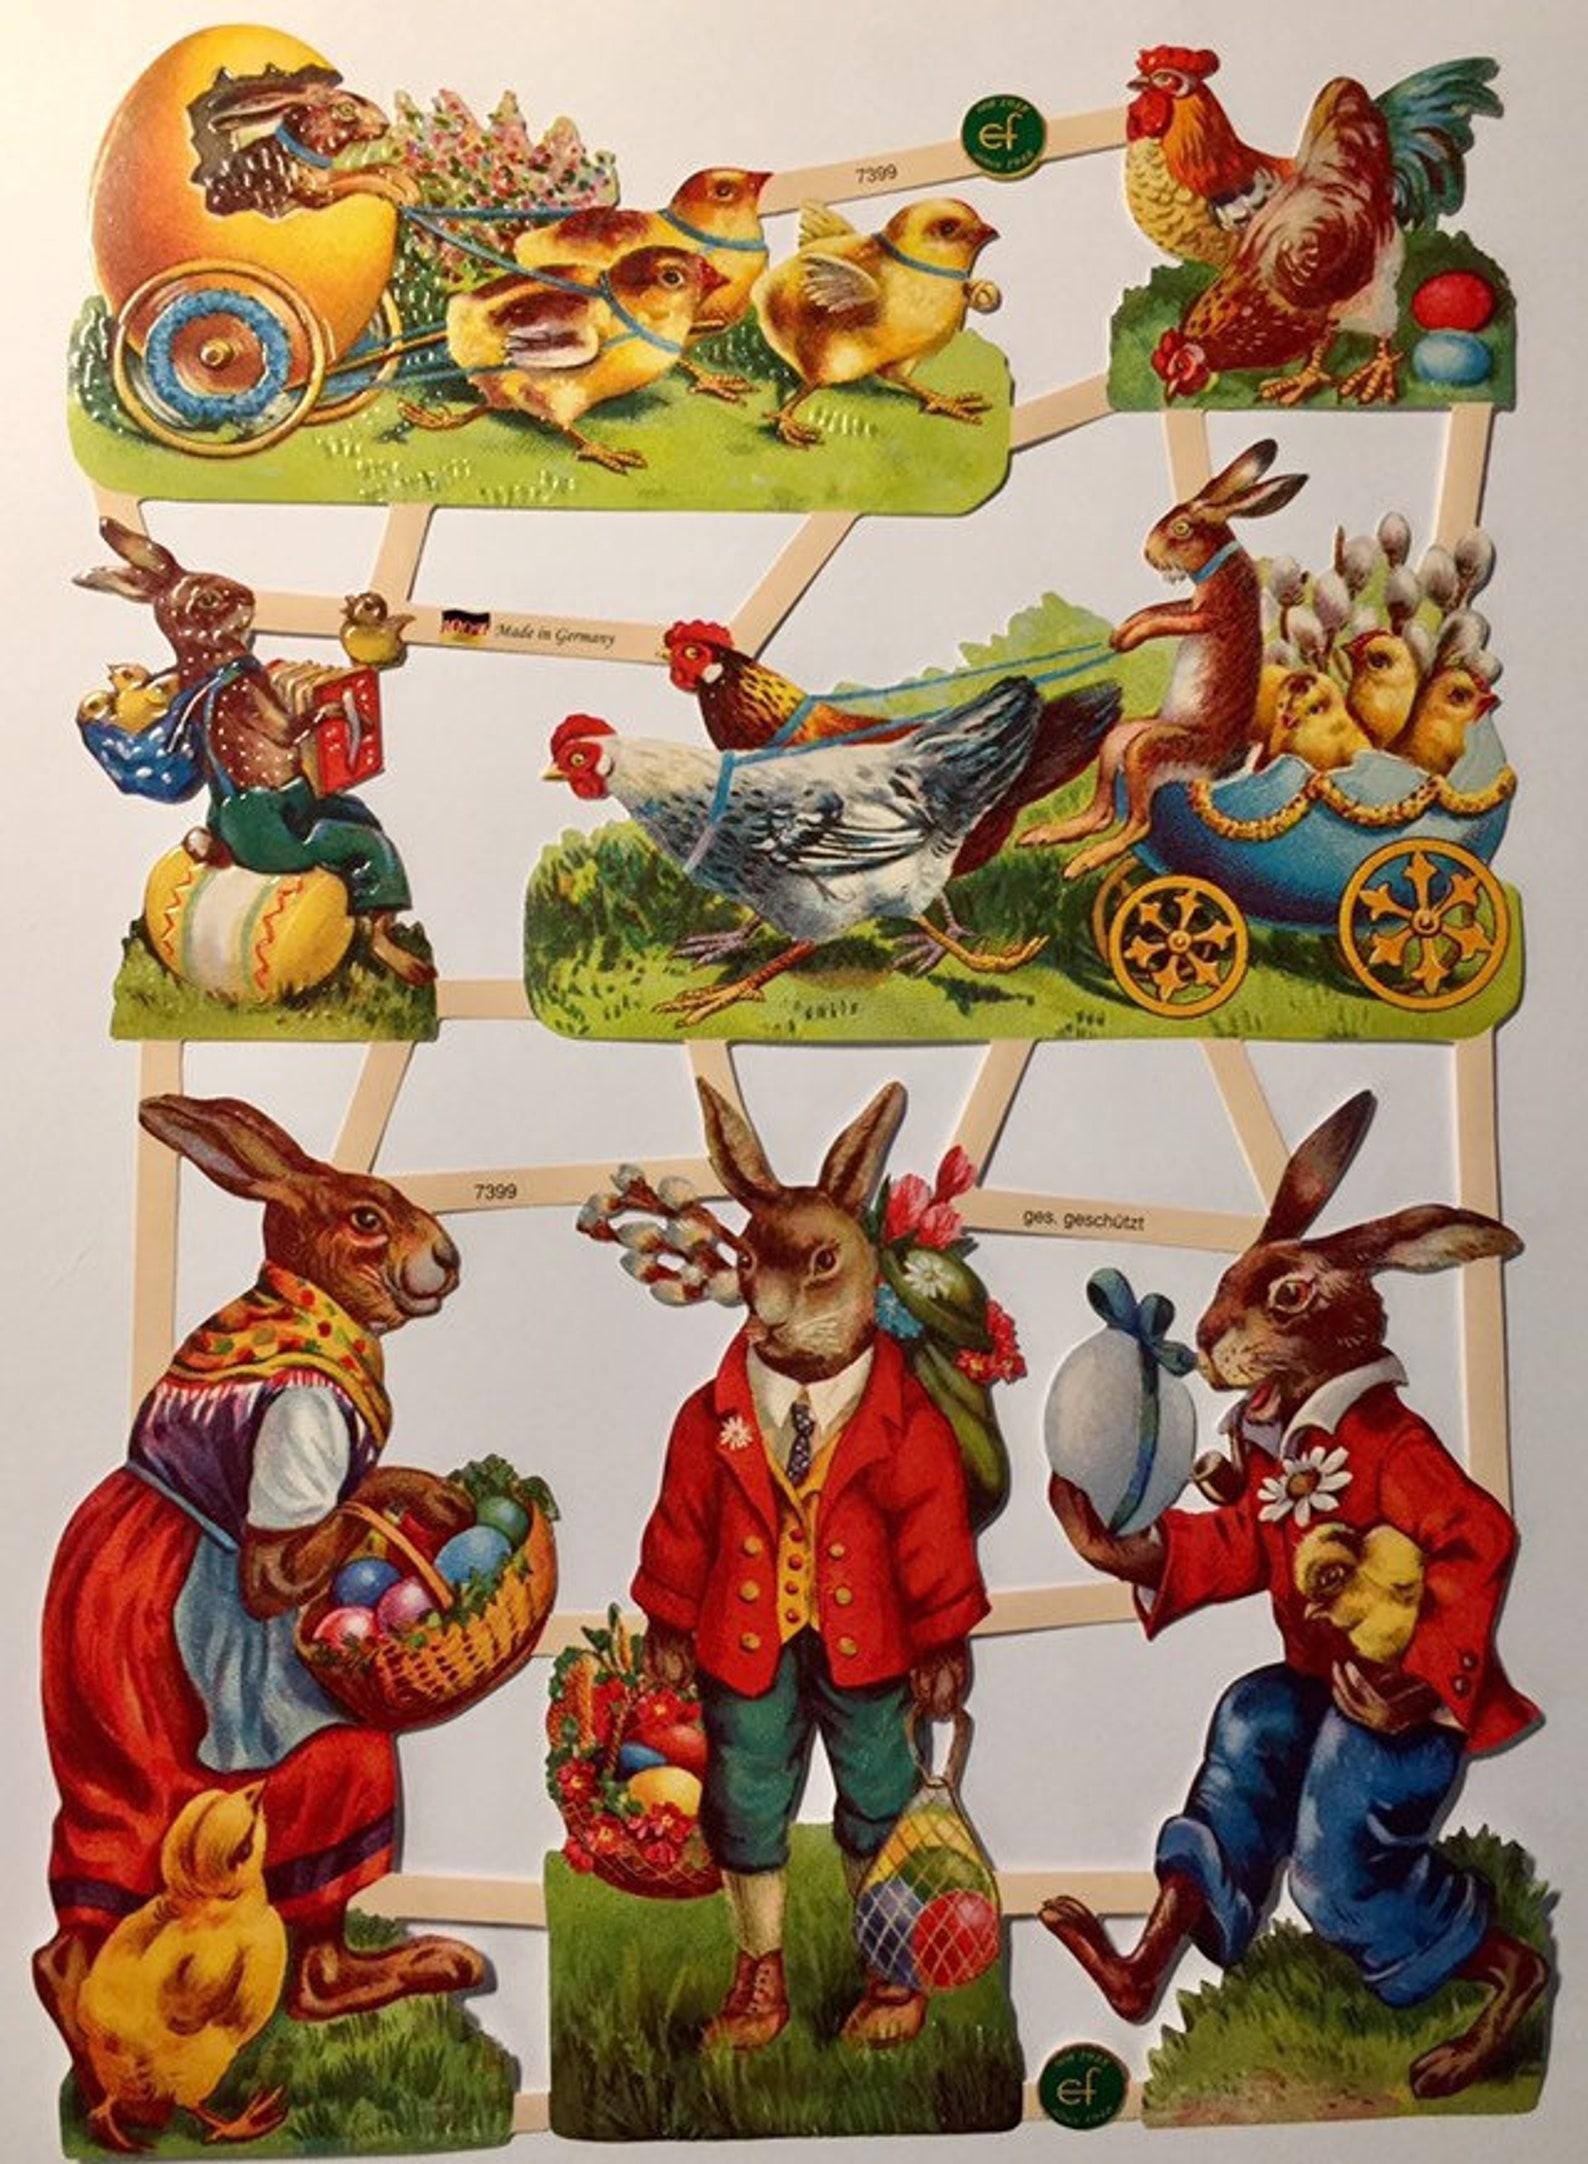 Vintage Easter Scenes Glanzbilder (1 sheet)